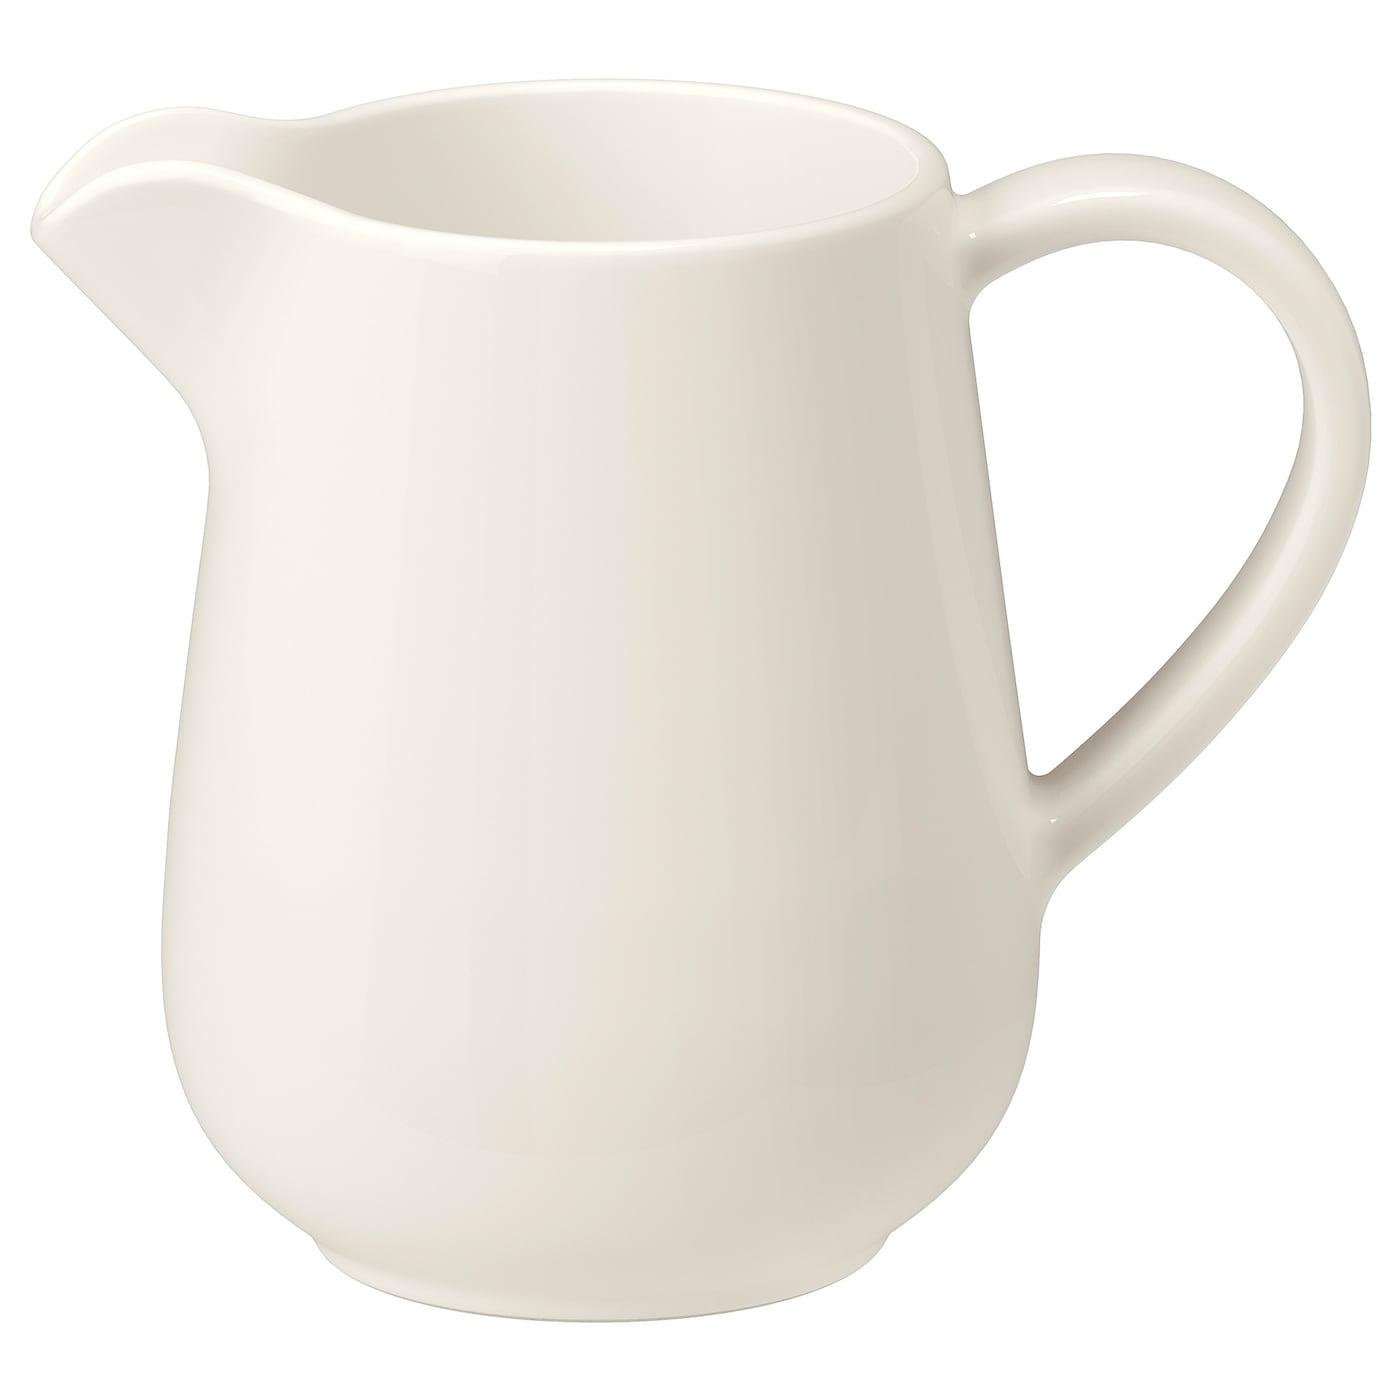 343e43e993ca VARDAGEN Mug Off-white 30 cl - IKEA